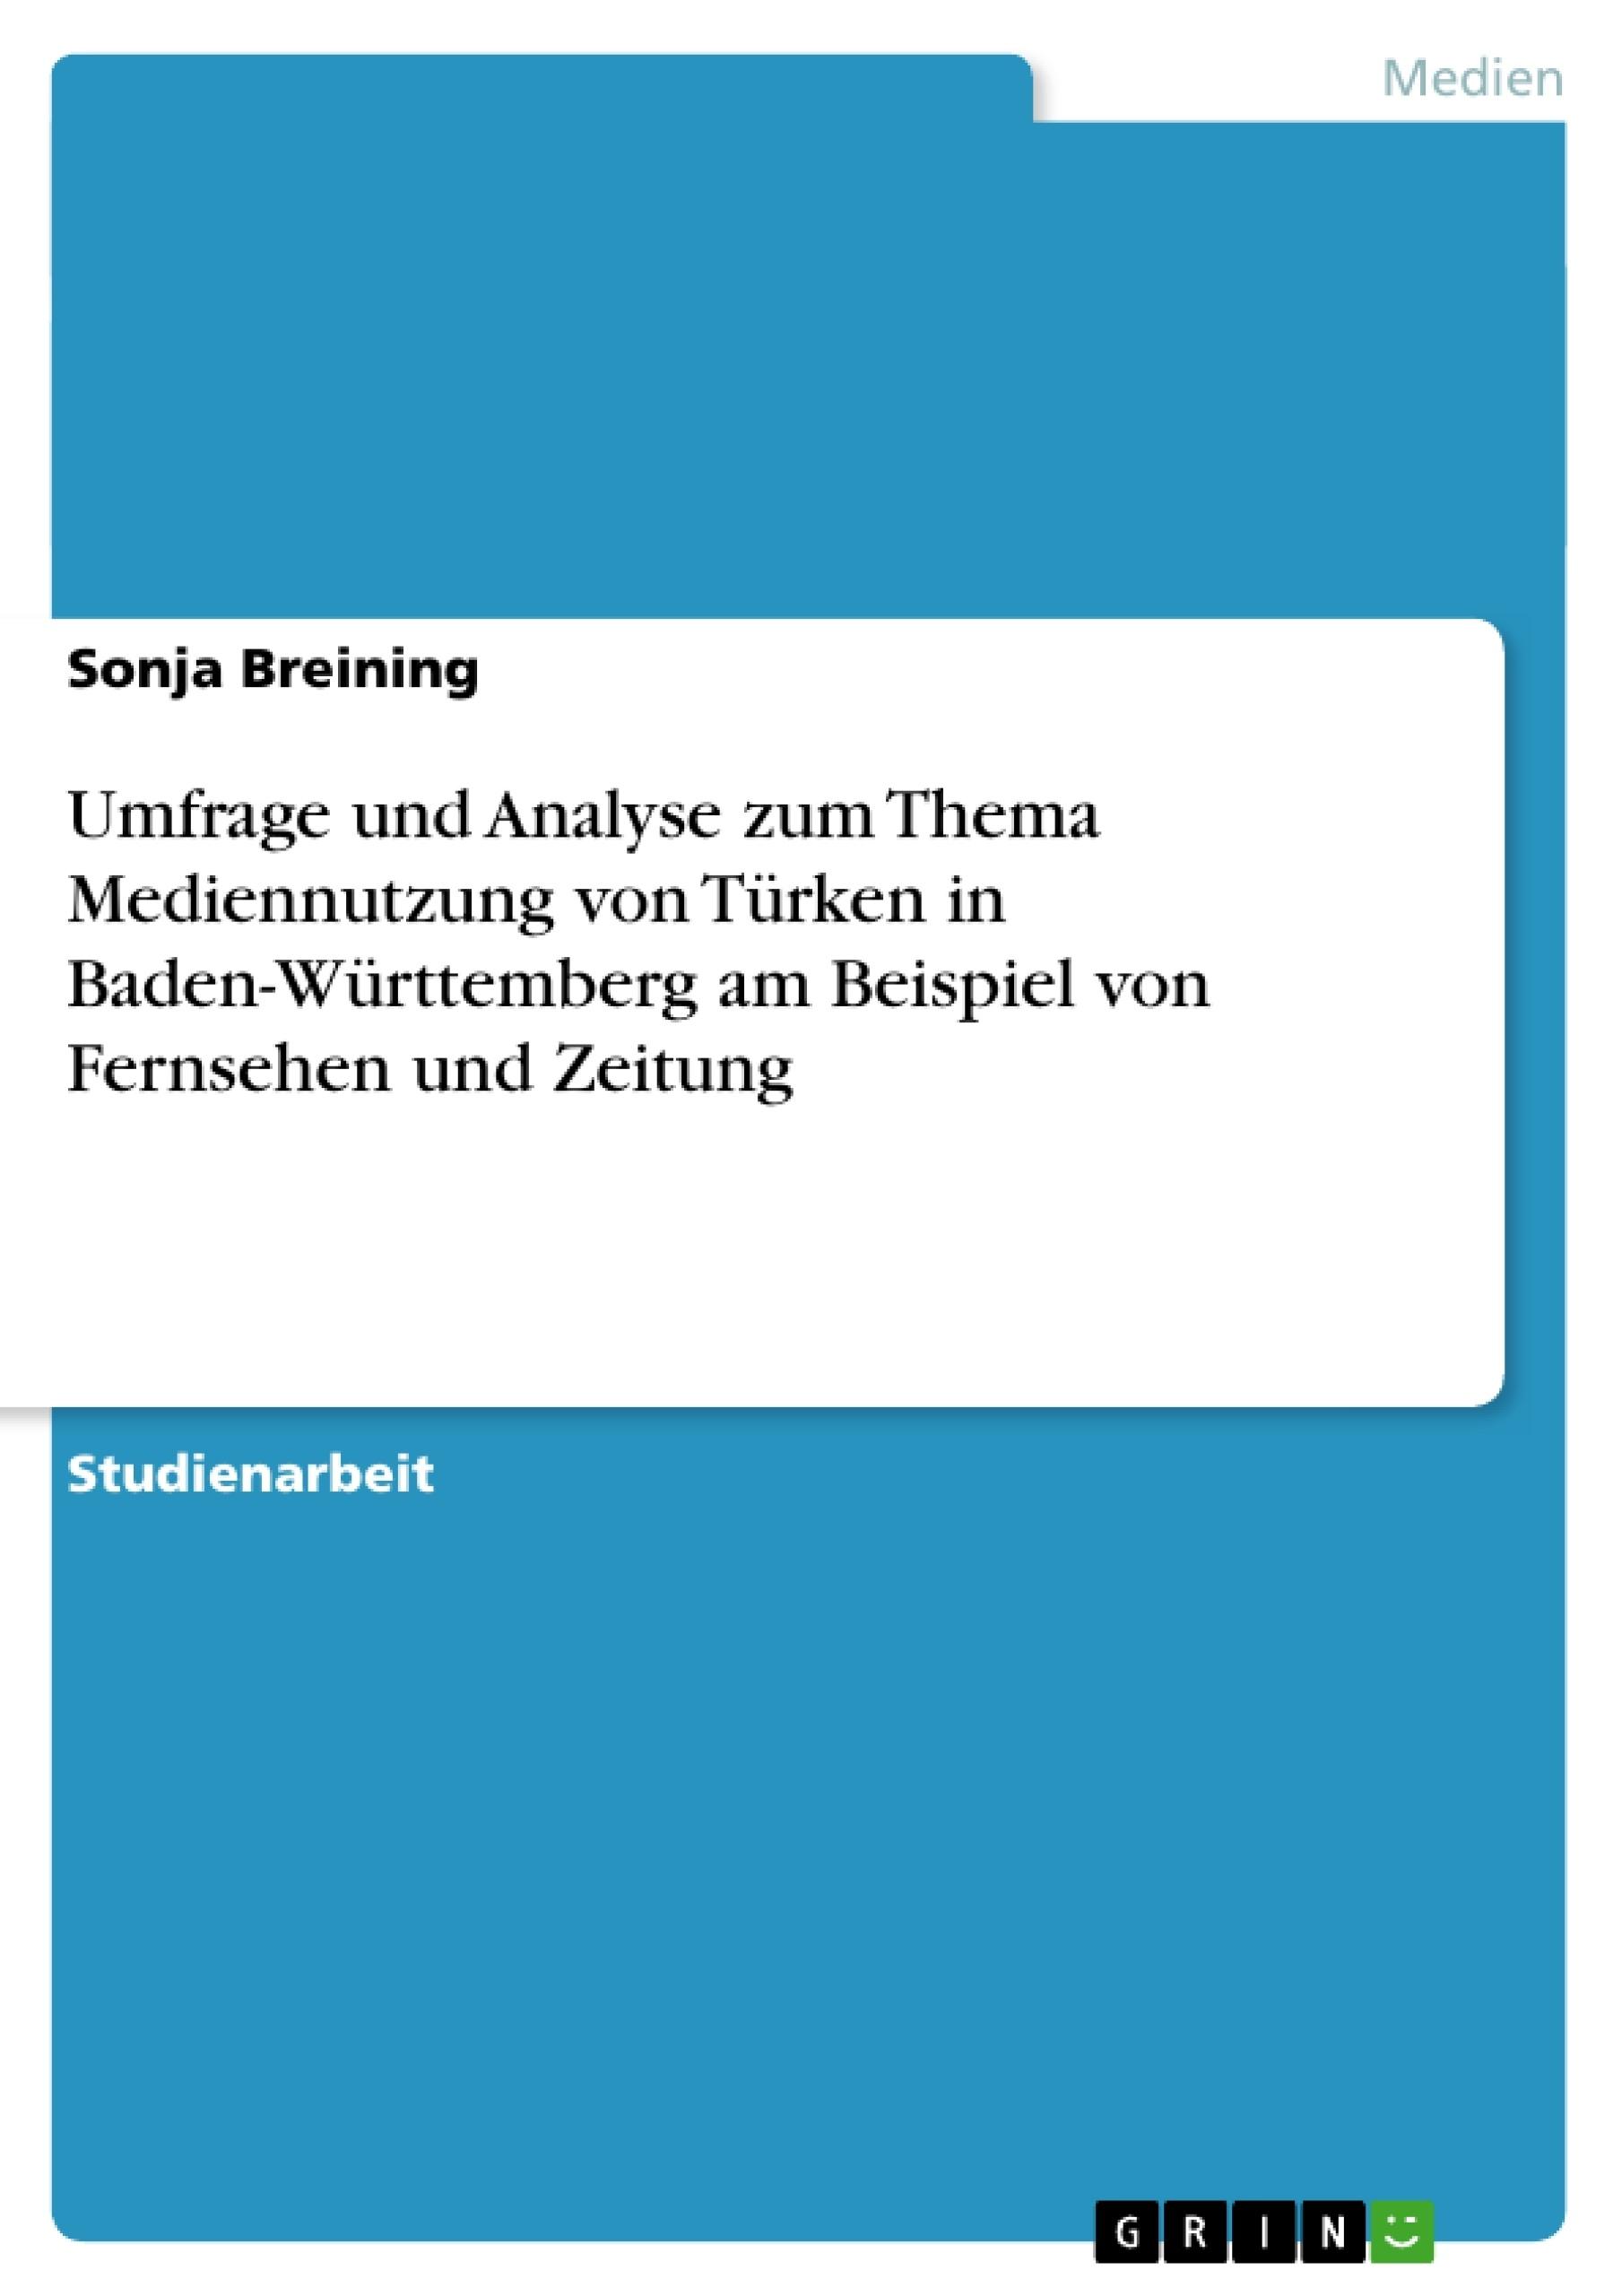 Titel: Umfrage und Analyse zum Thema Mediennutzung von Türken  in Baden-Württemberg am Beispiel von Fernsehen und Zeitung